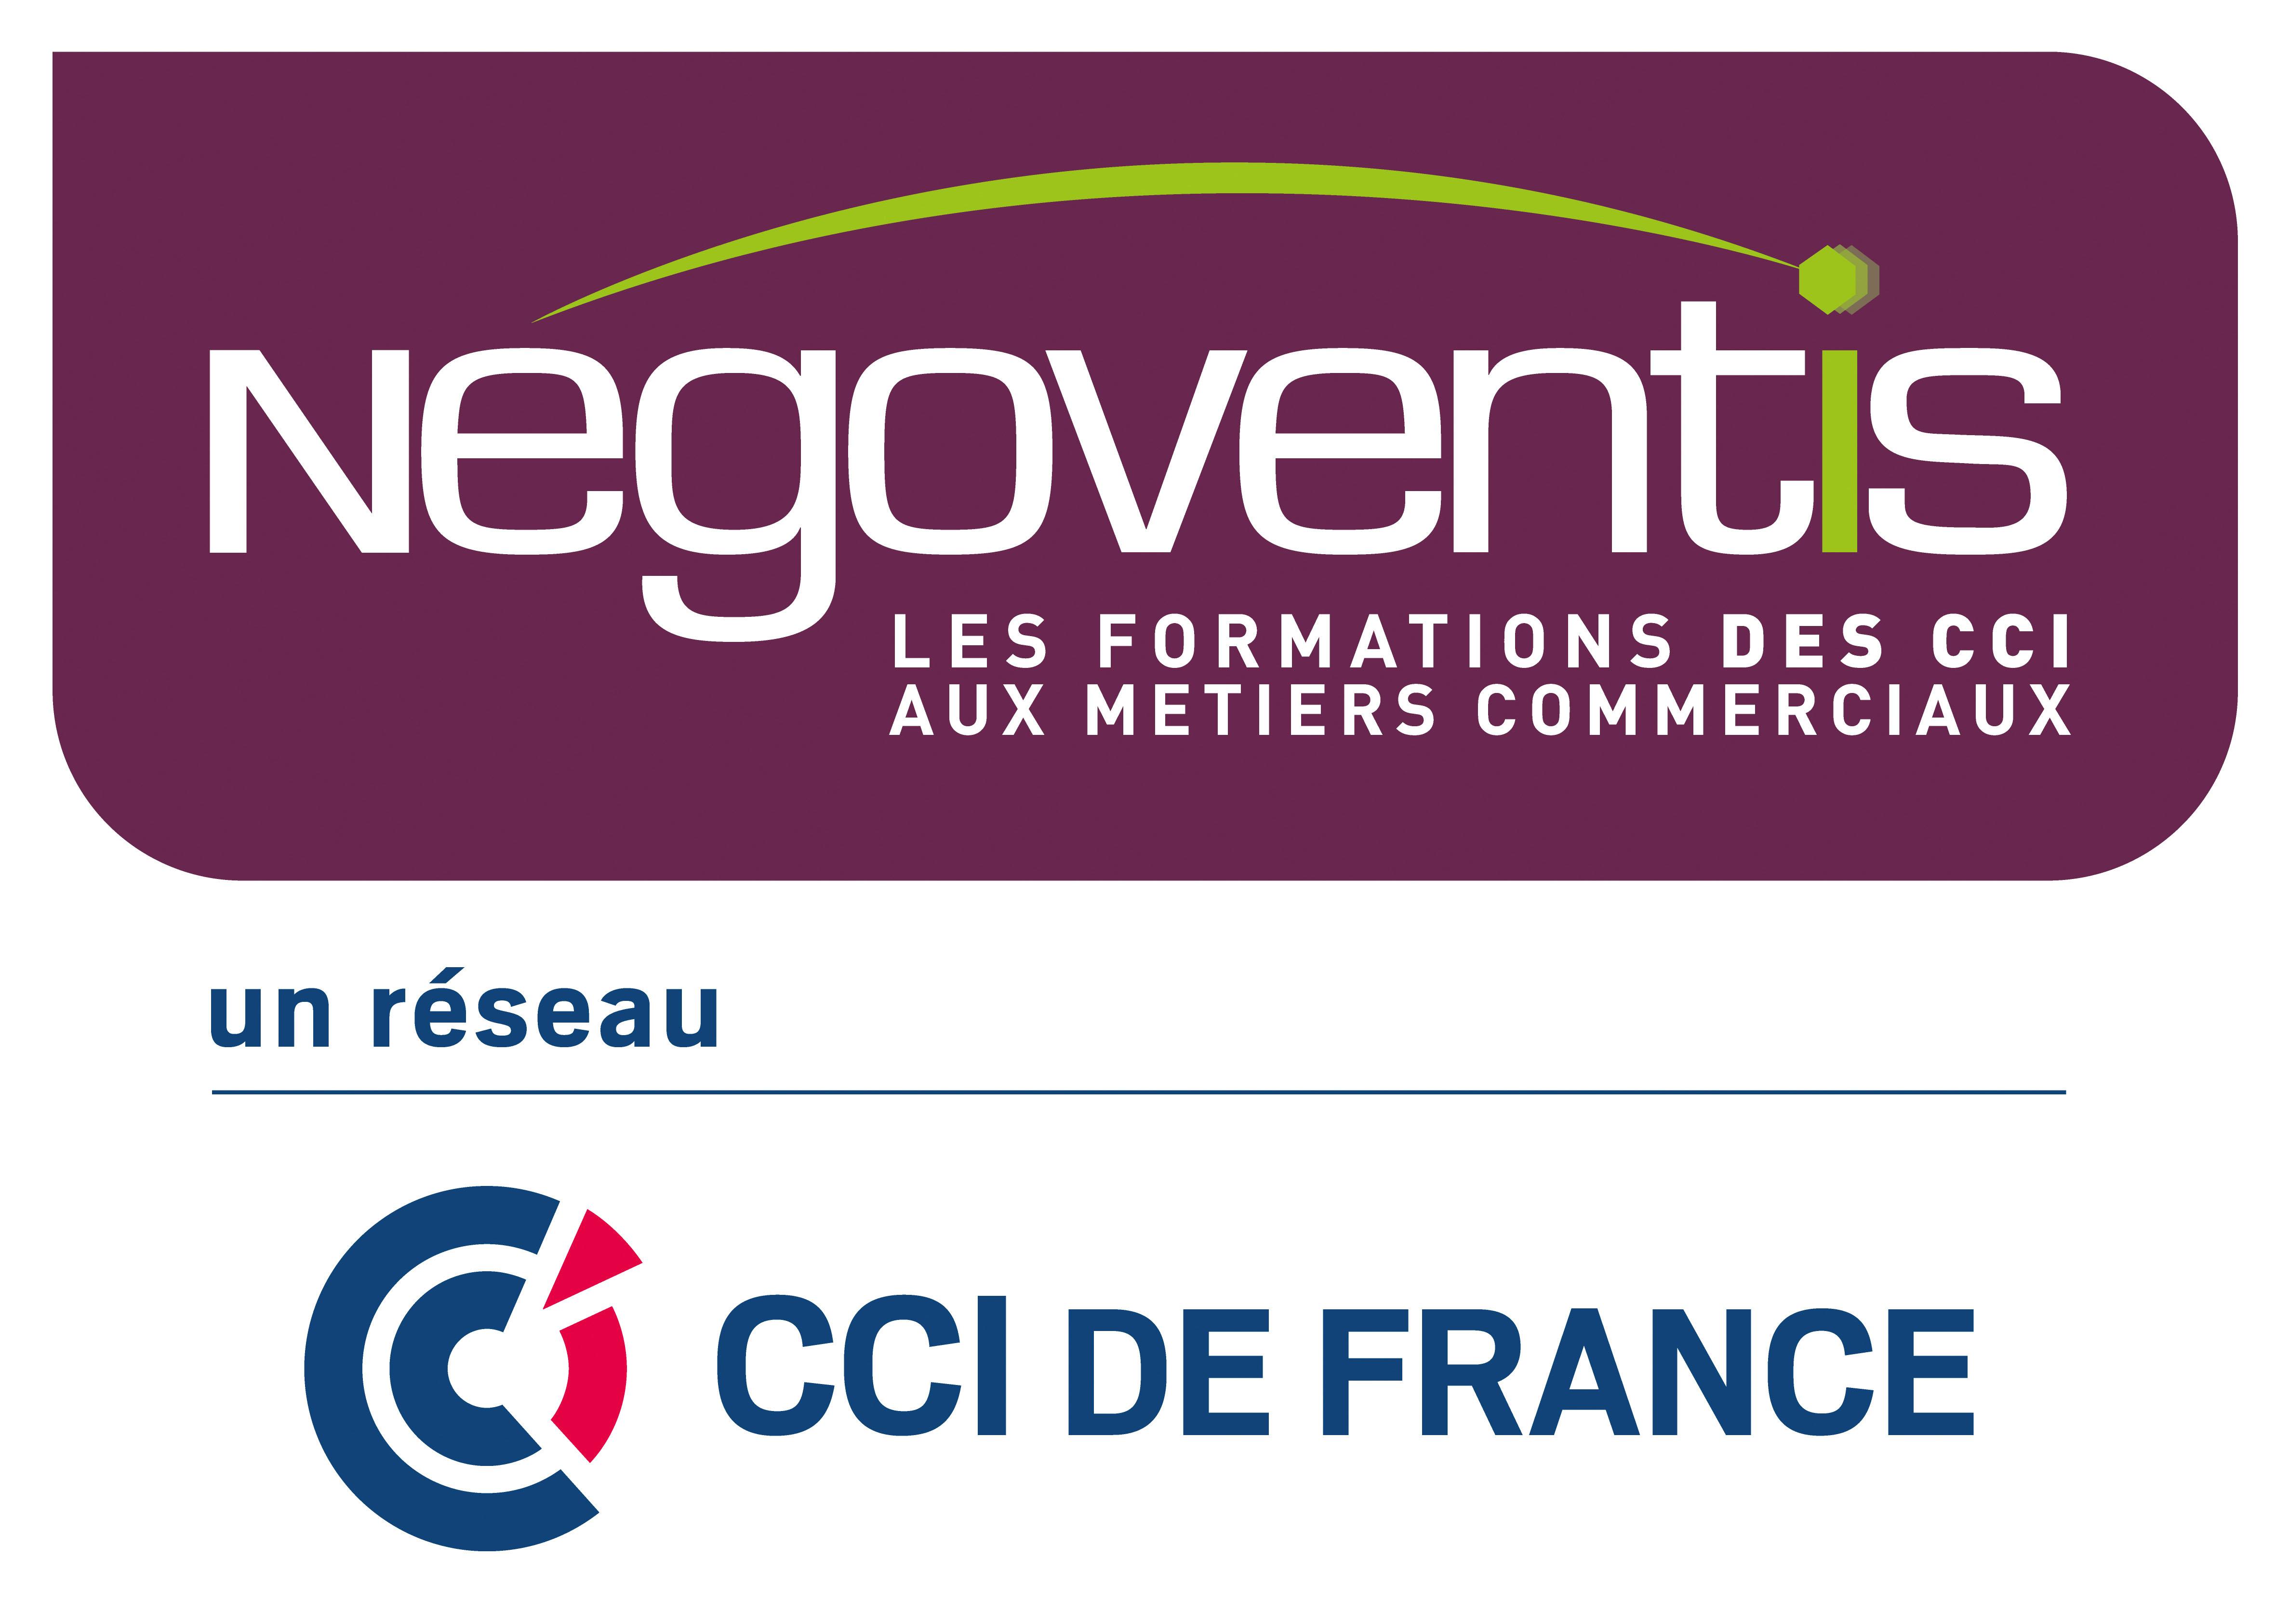 CCI France : Réseau Negoventis